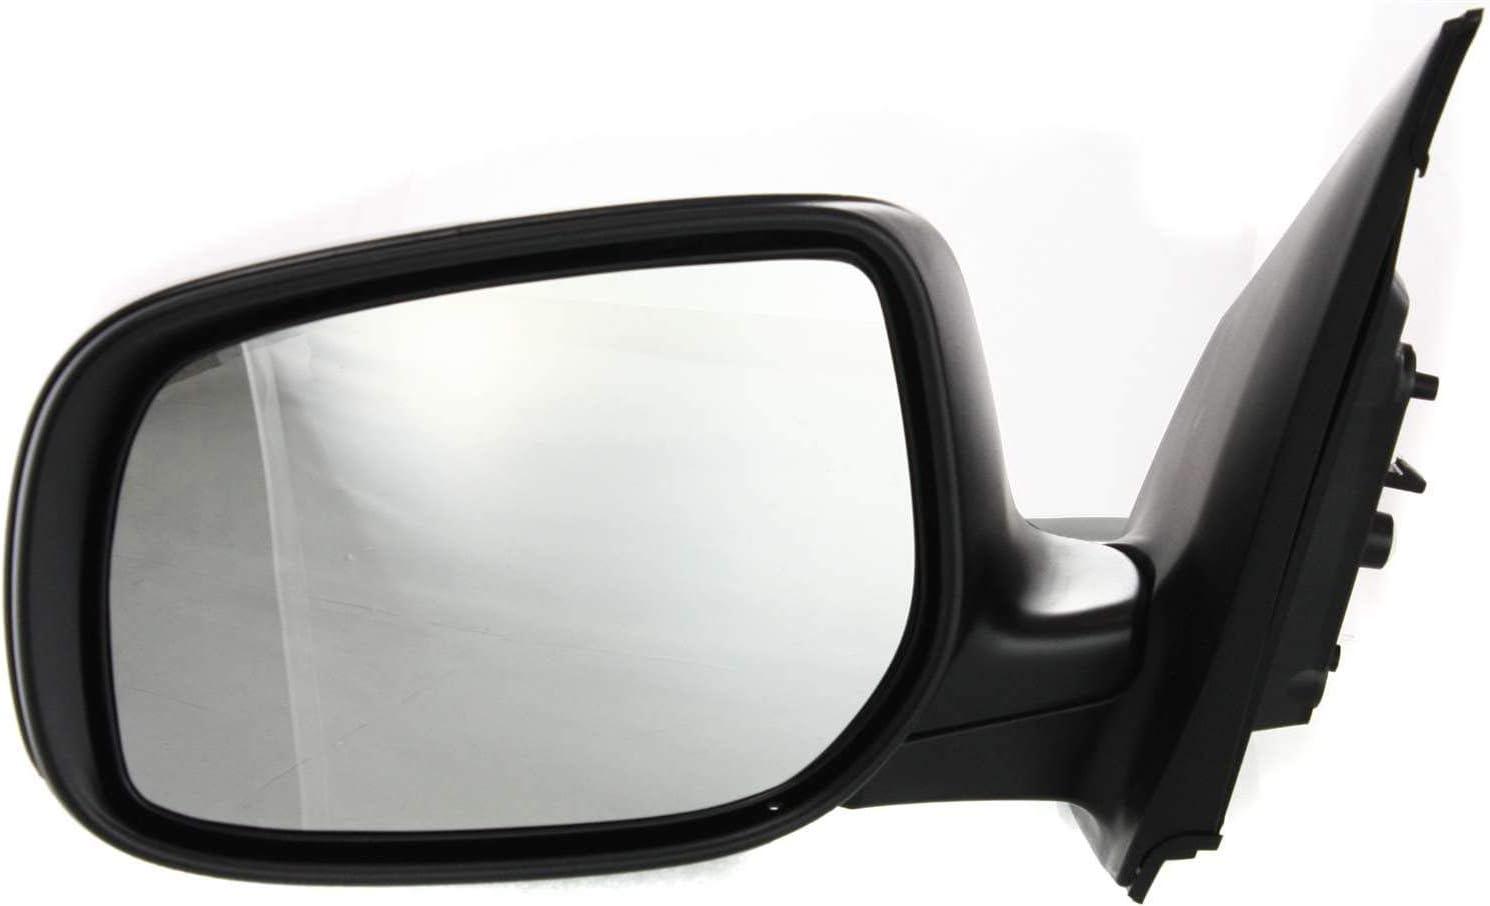 送料無料激安祭 Mirror Compatible with 2009-2013 Toyota Power Fol スーパーセール Manual Corolla